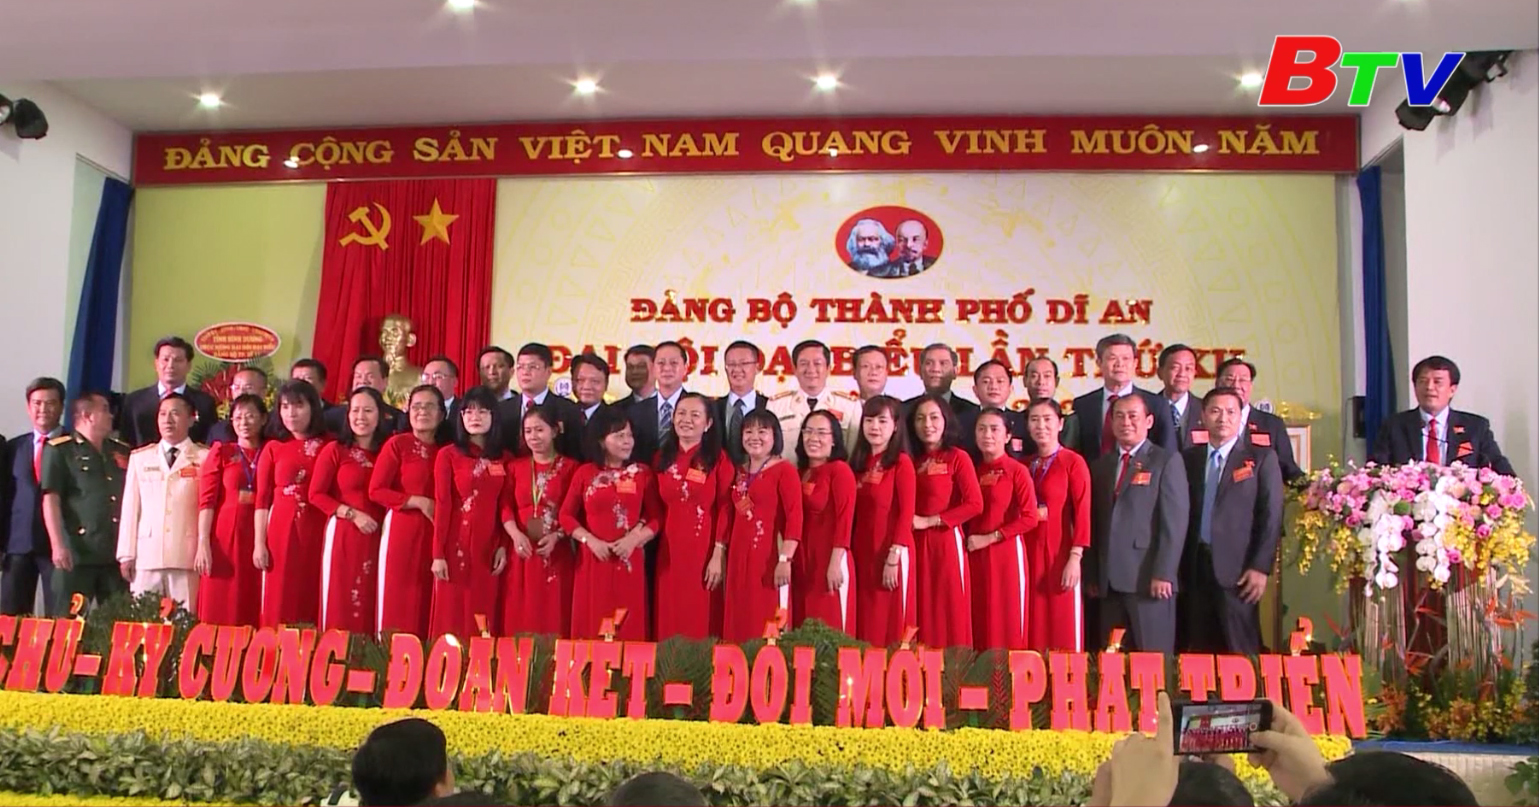 Đoàn đại biểu Đảng bộ thành phố Dĩ An chuẩn bị tham dự Đại hội Đảng bộ tỉnh lần thứ XI, nhiệm kỳ 2020 - 2025